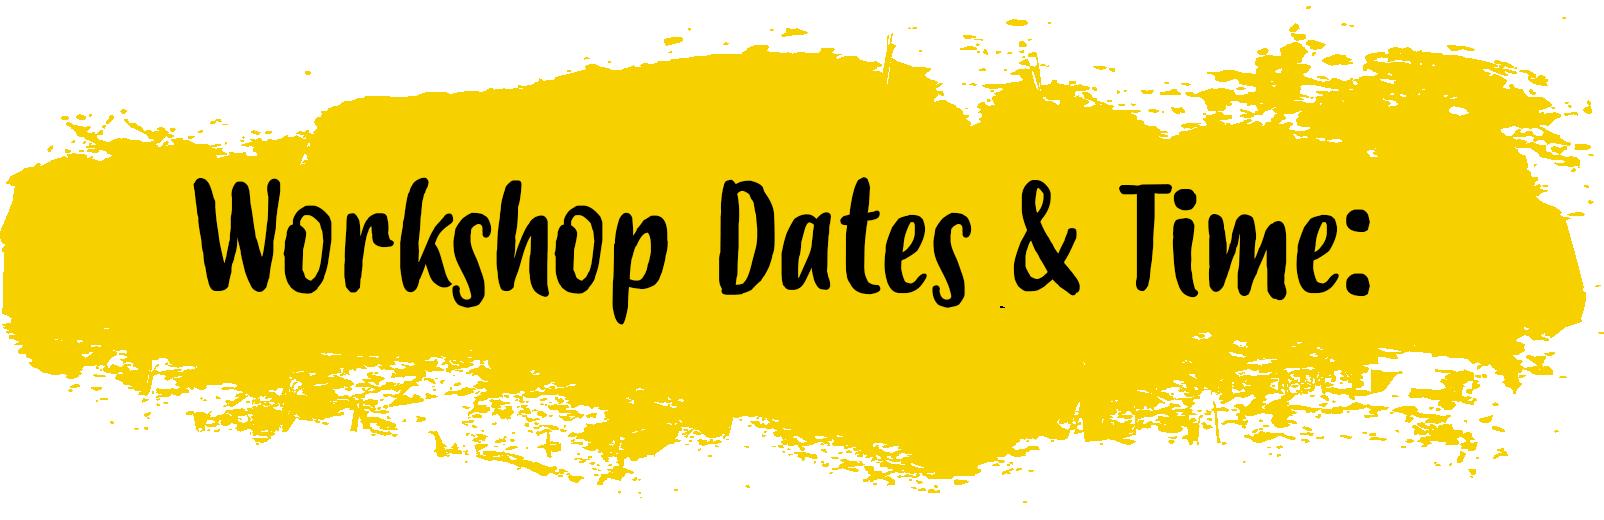 Workshop Dates & Time.png